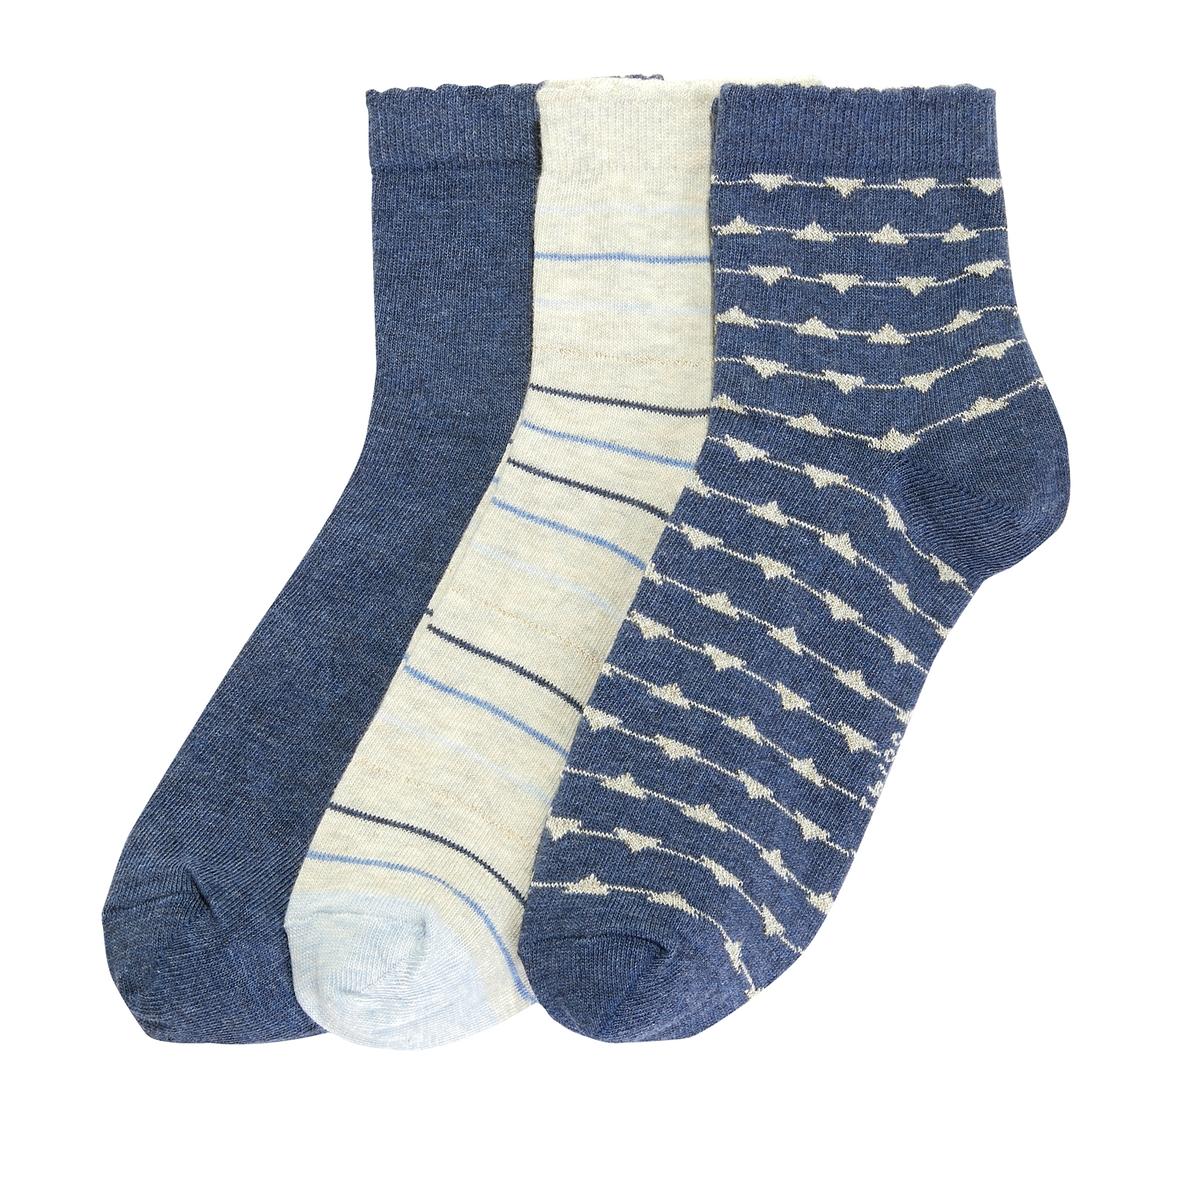 Комплект из 3 пар носков с блестящим рисунком комплект из 5 пар коротких носков из хлопка